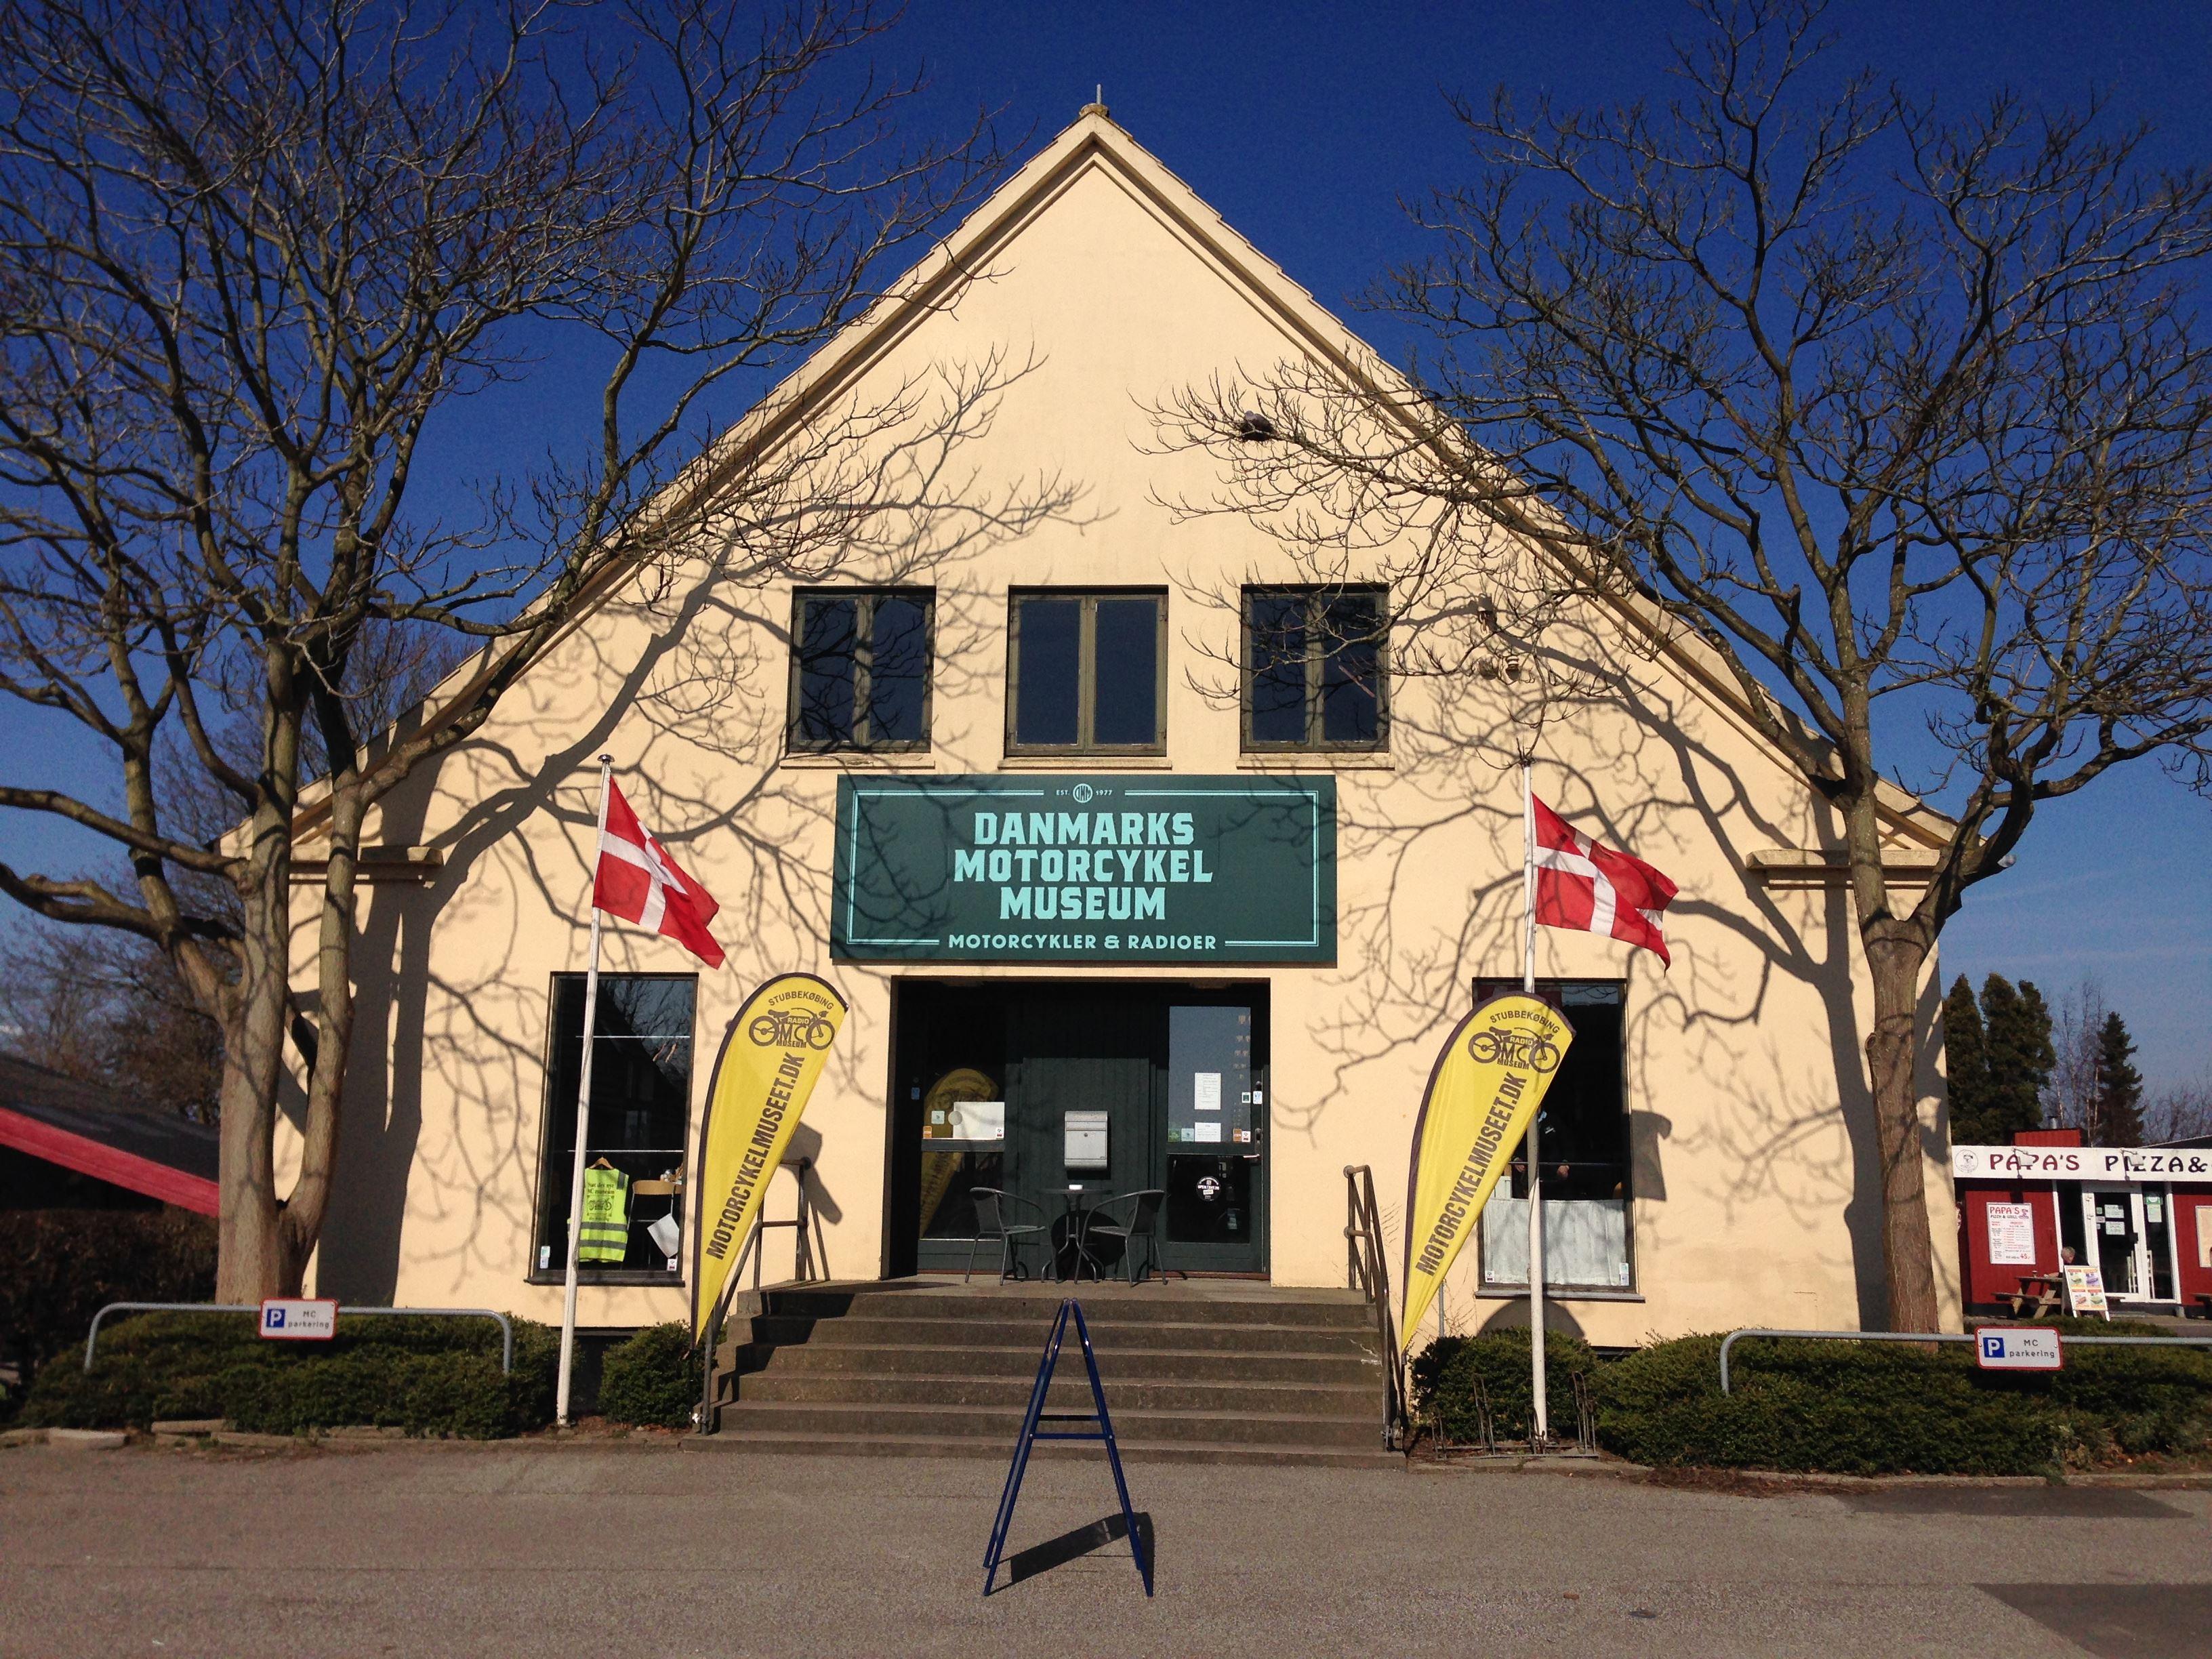 Danmarks Motorcykelmuseum i Stubbekøbing med radio og motorcykler